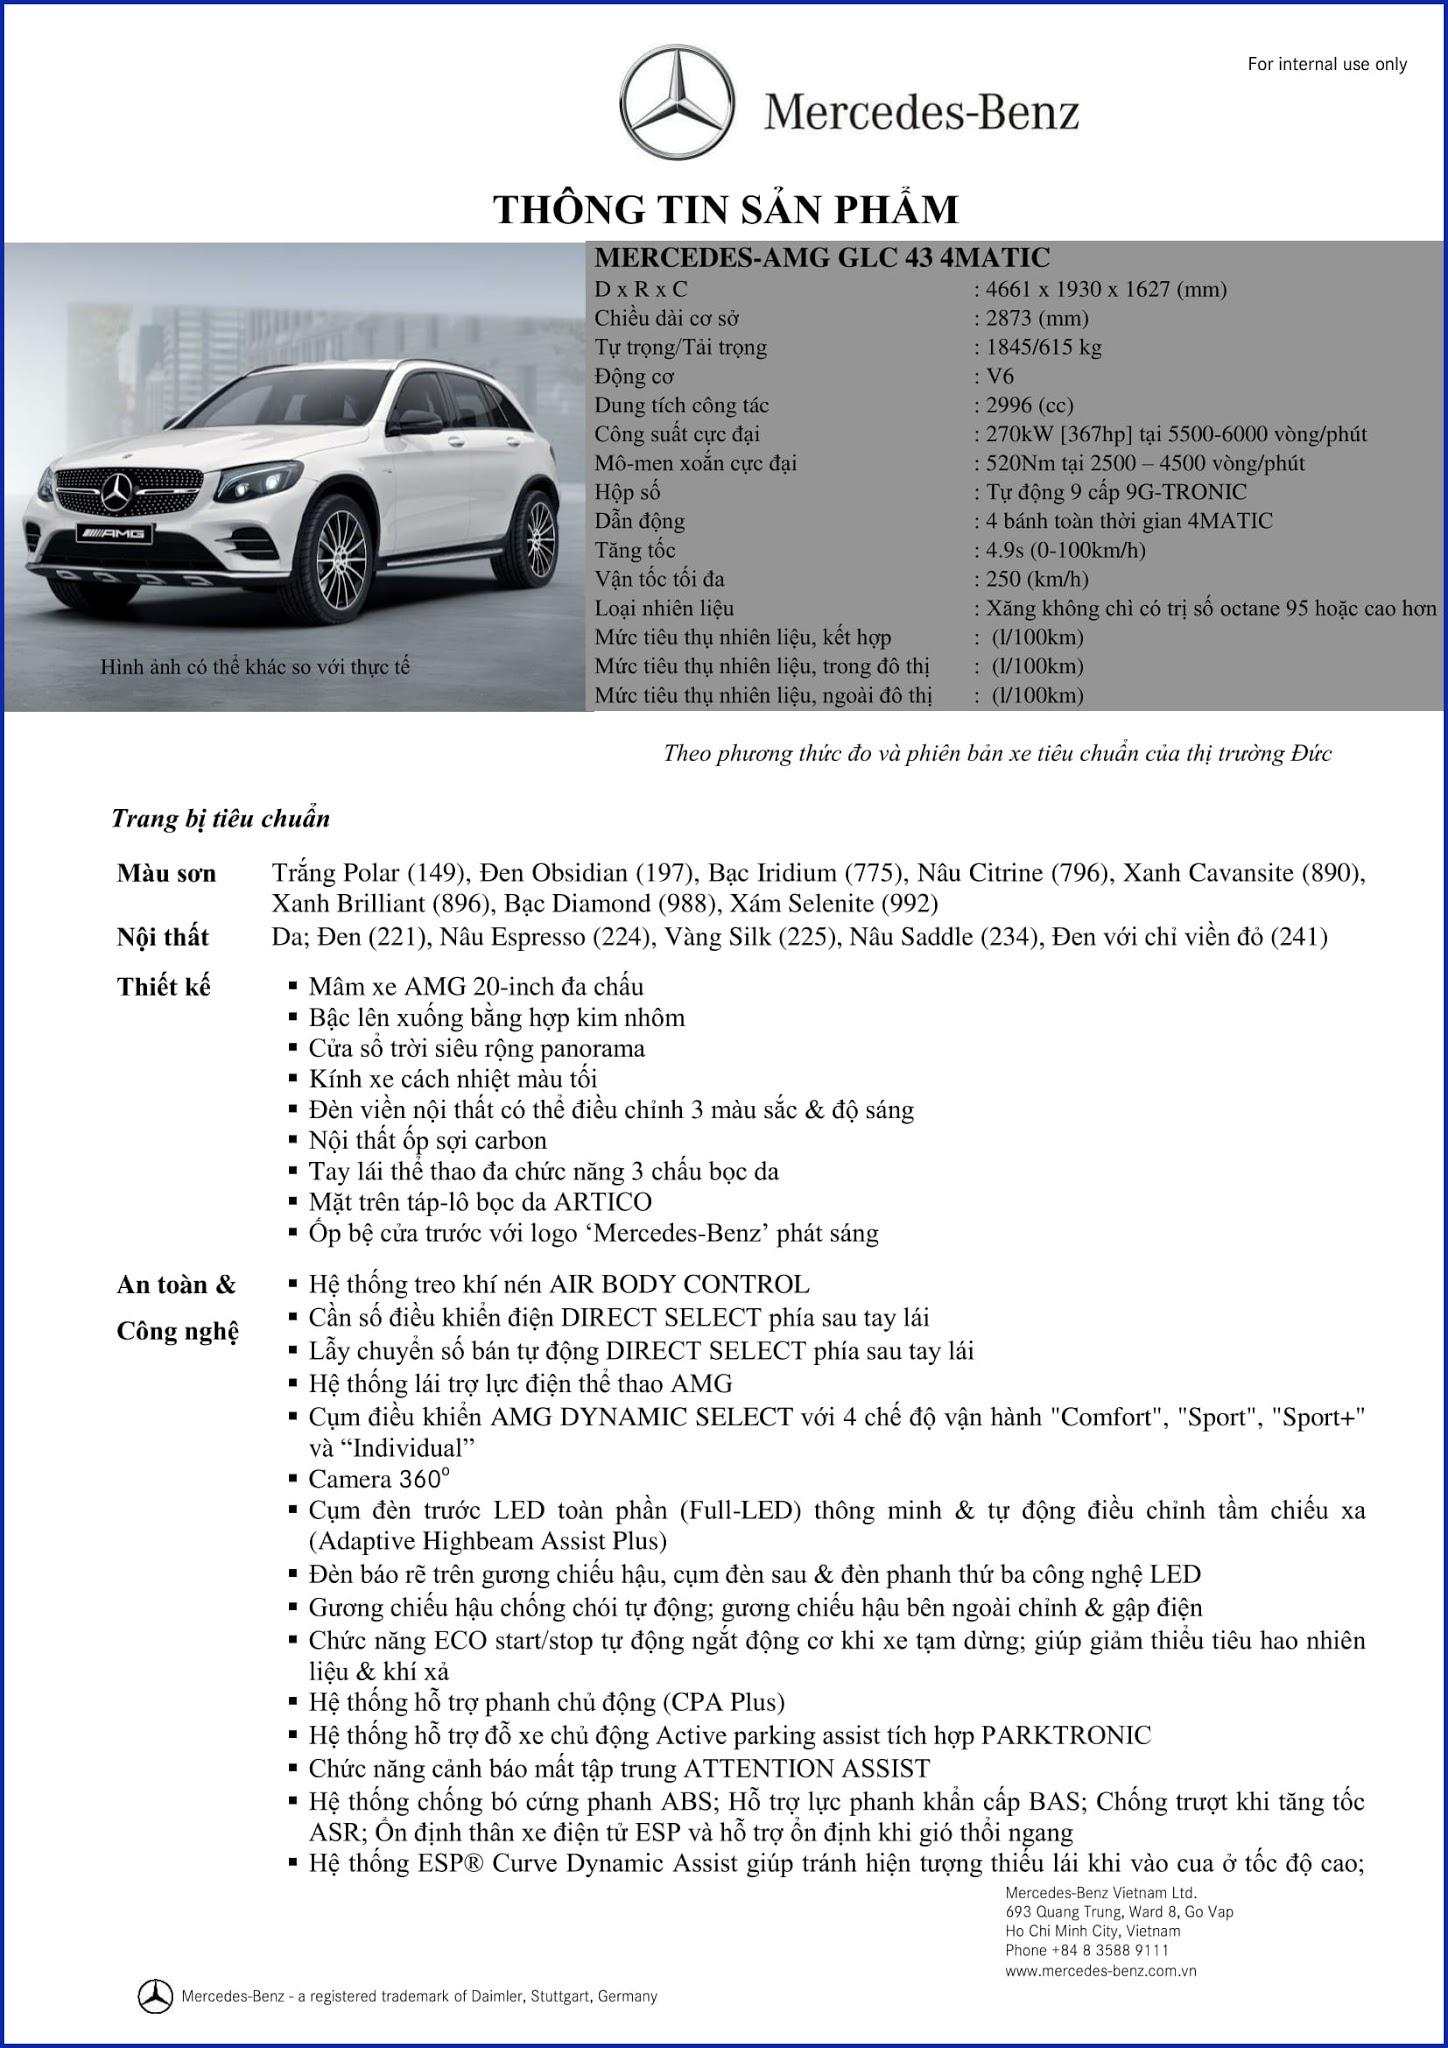 Bảng thông số kỹ thuật Mercedes AMG GLC 43 4MATIC 2017 tại Mercedes Trường Chinh